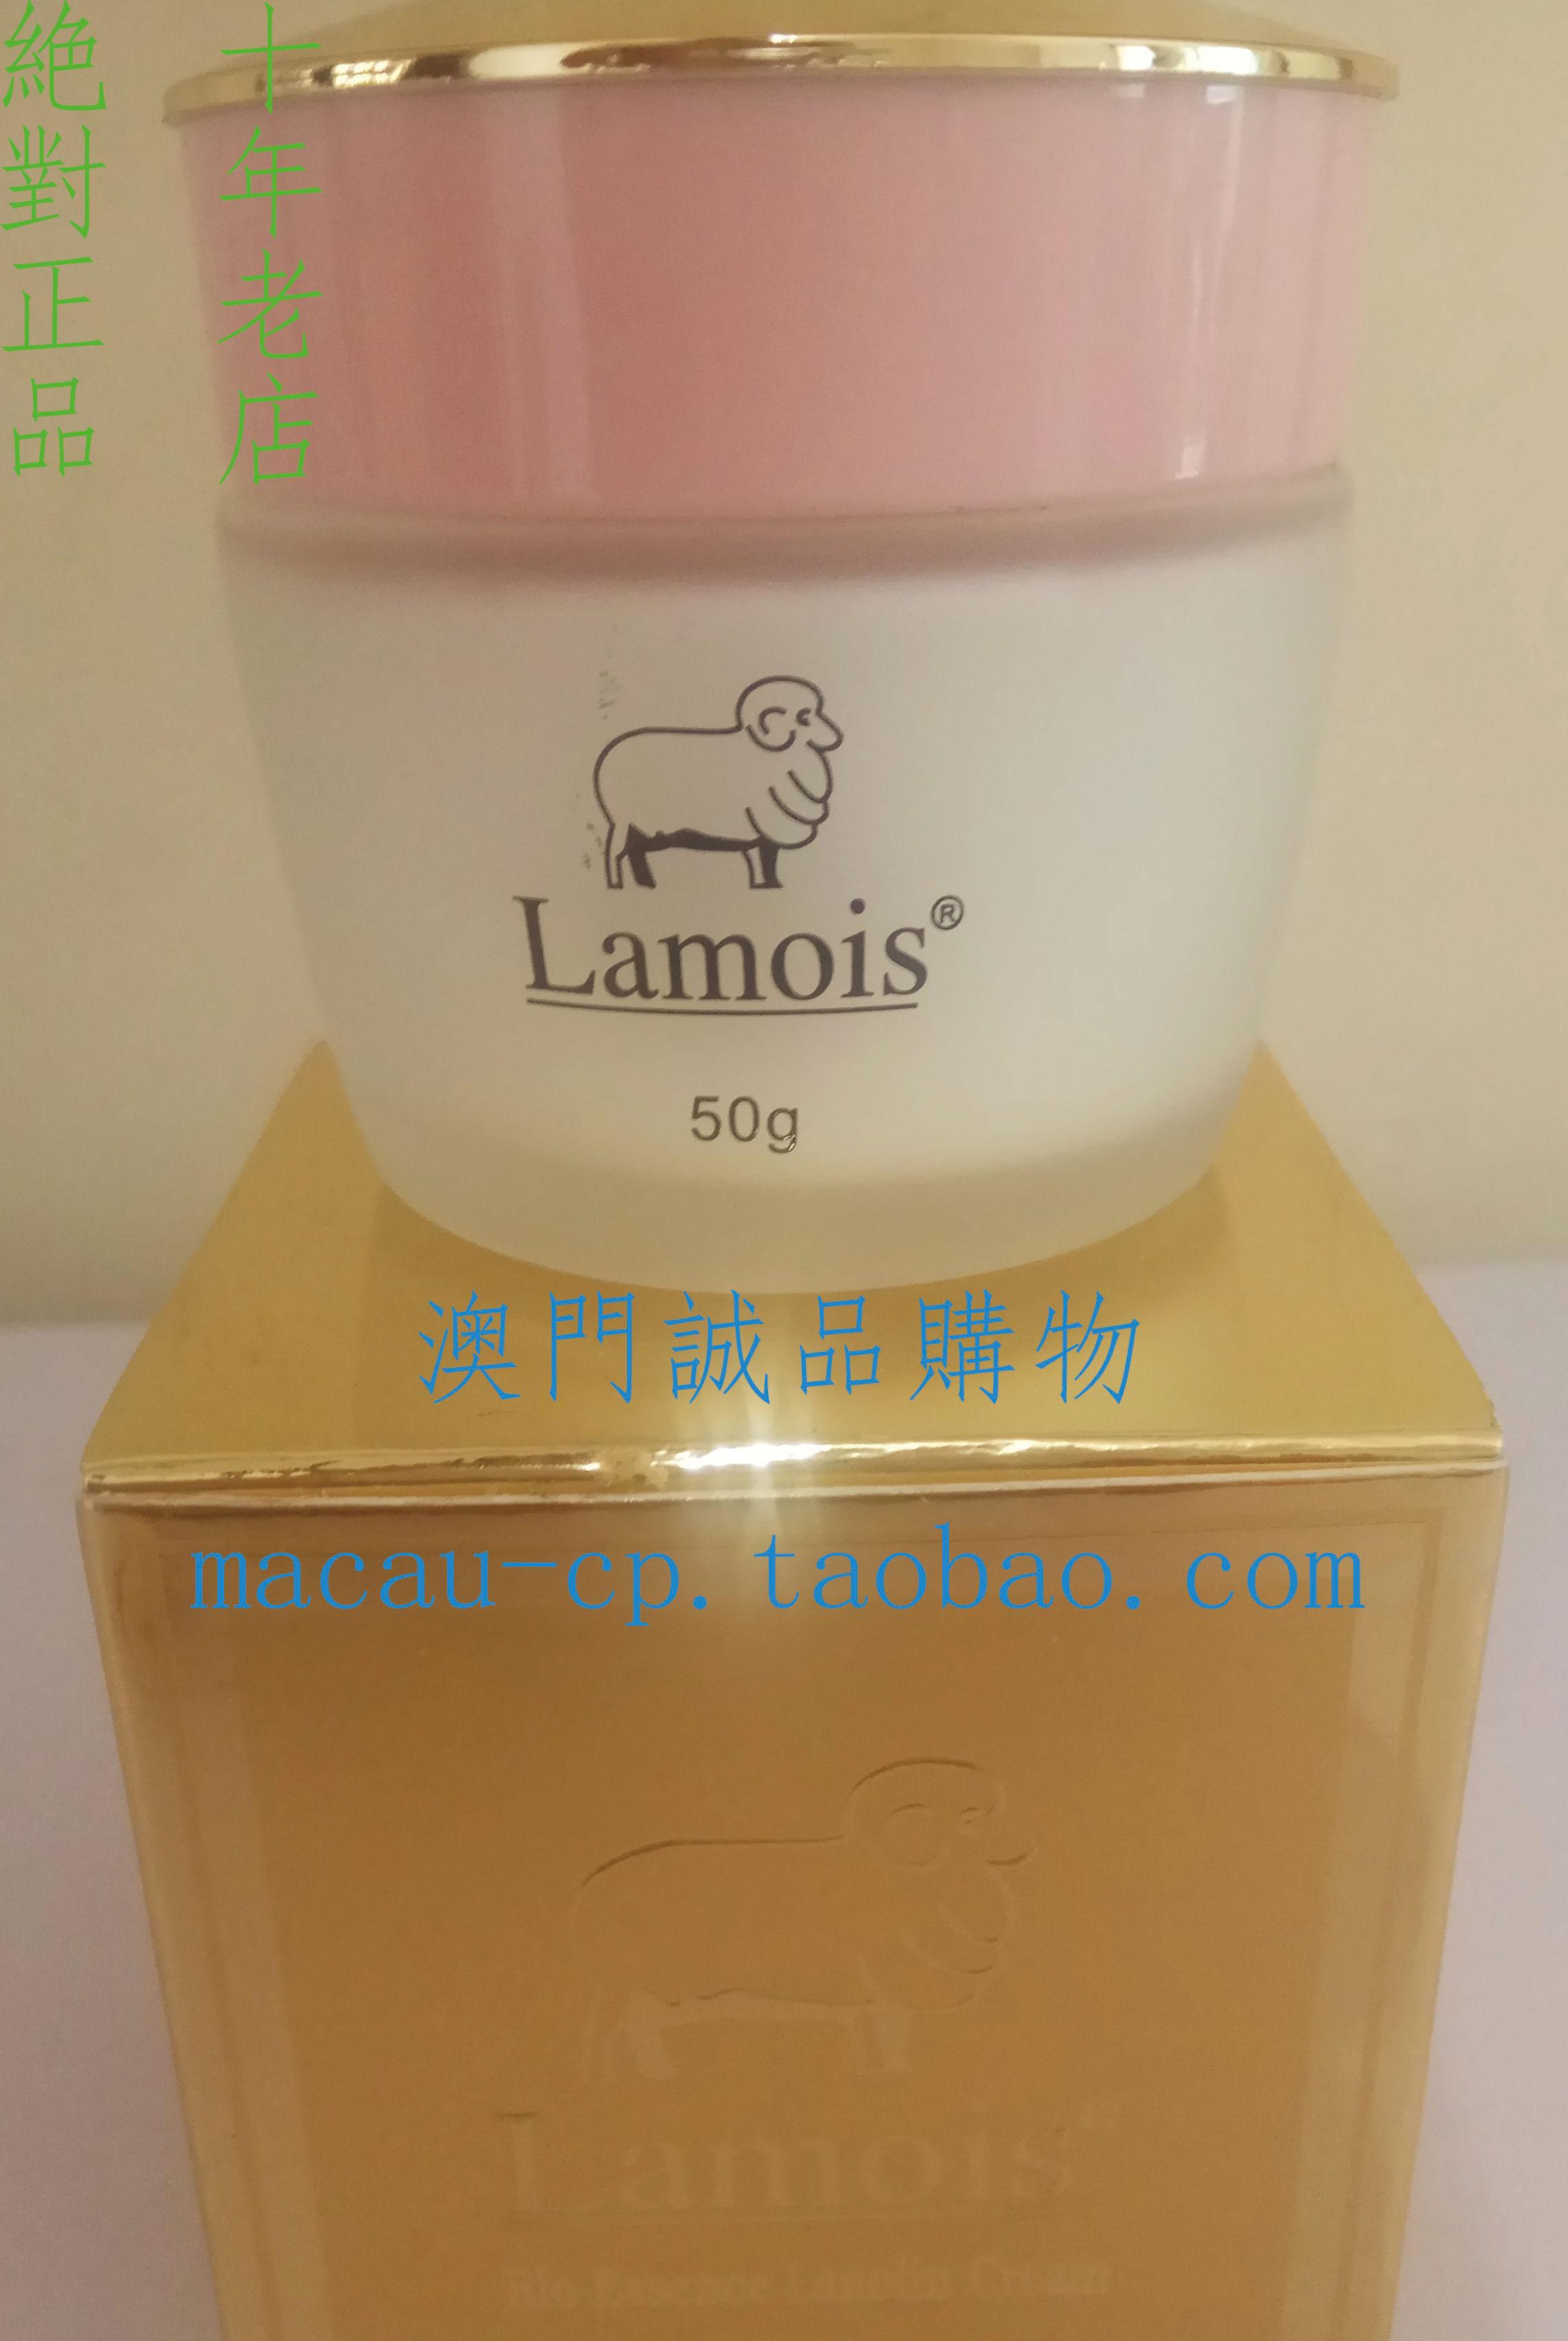 正品促銷包郵3瓶162元澳洲原裝Lamois綿羊油羊胎素超補水保濕面霜